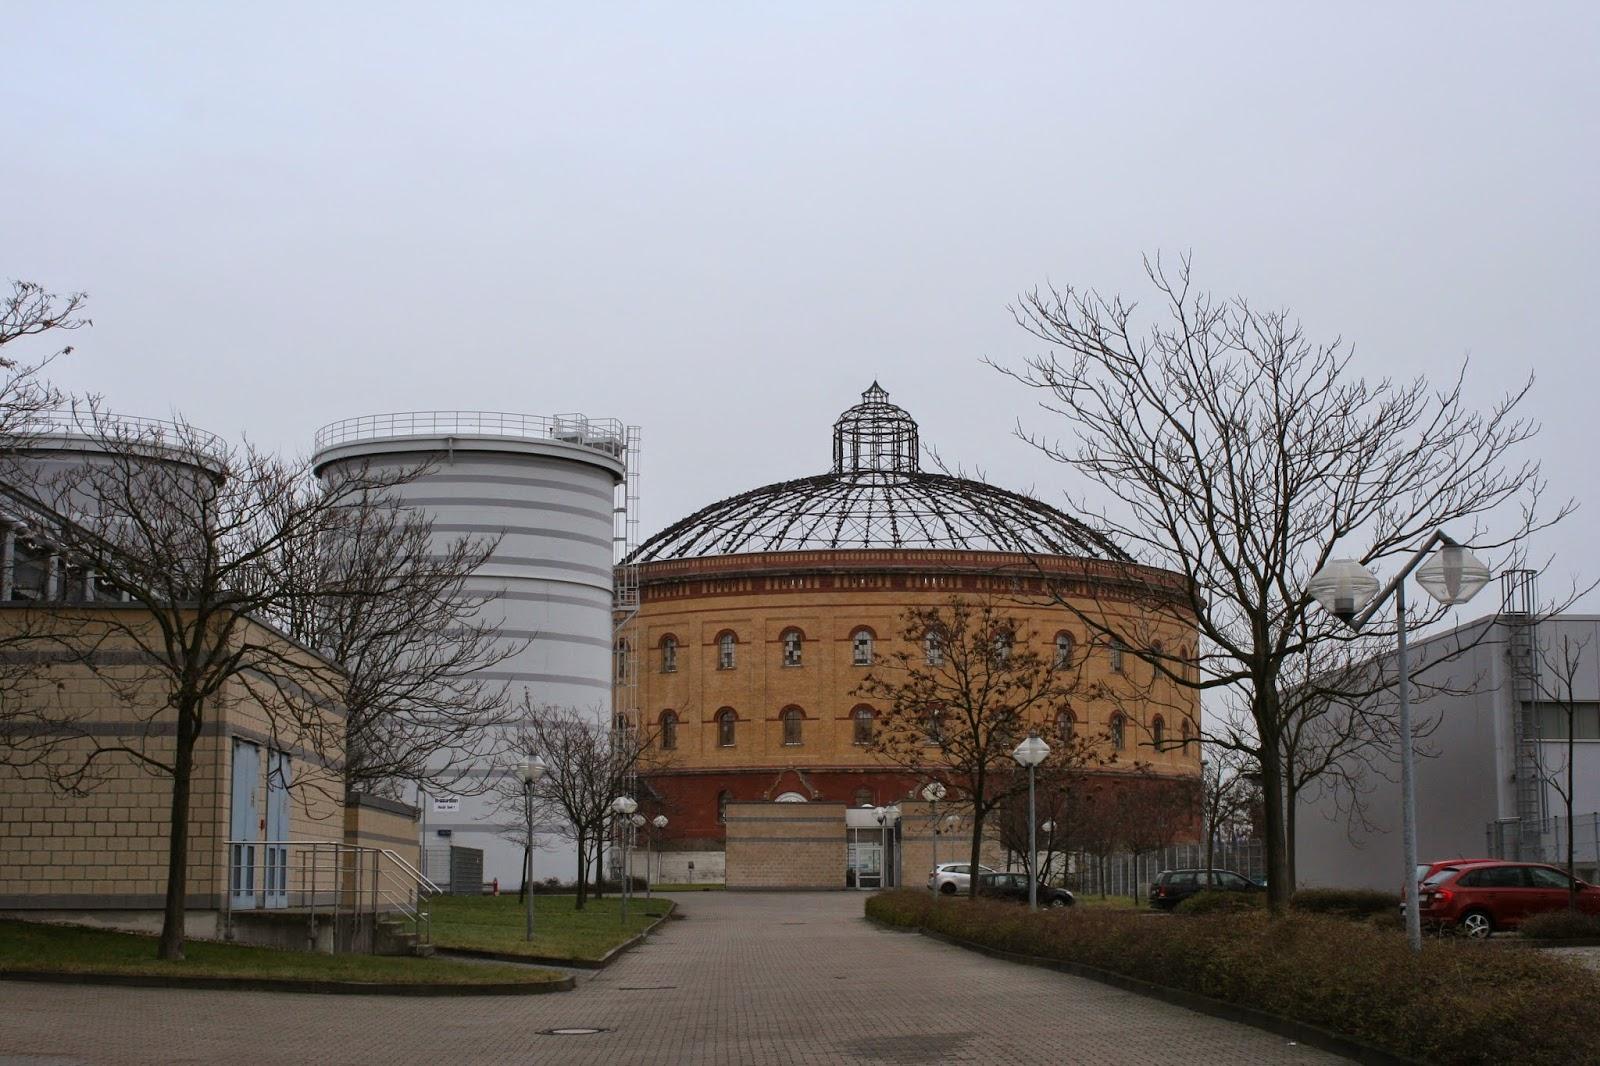 Blick von der Erich-Weinert-Straße aus auf das Gasometer Nord - nach einer äusserlichen Restaurierung 2013 hat das Gasometer wieder seinen alten Glanz und ist ein historisches Baudenkmal der Stadt